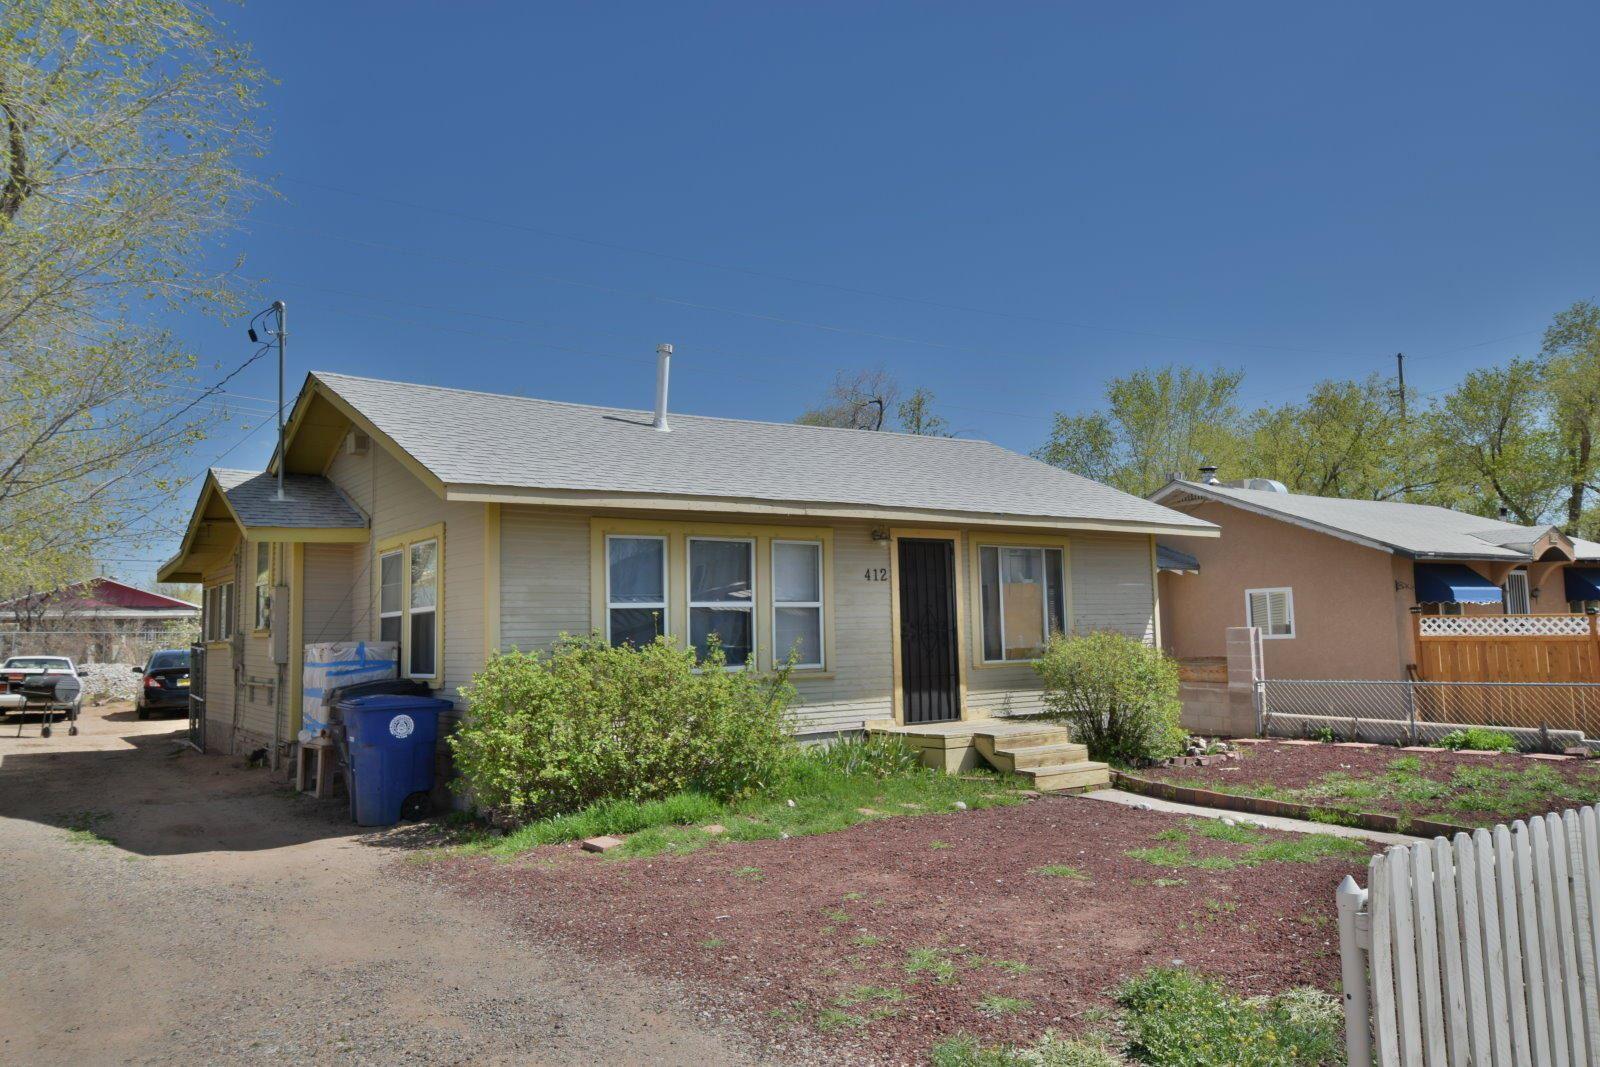 412 Harvard Drive SE, Albuquerque, NM 87106 - MLS#: 983157